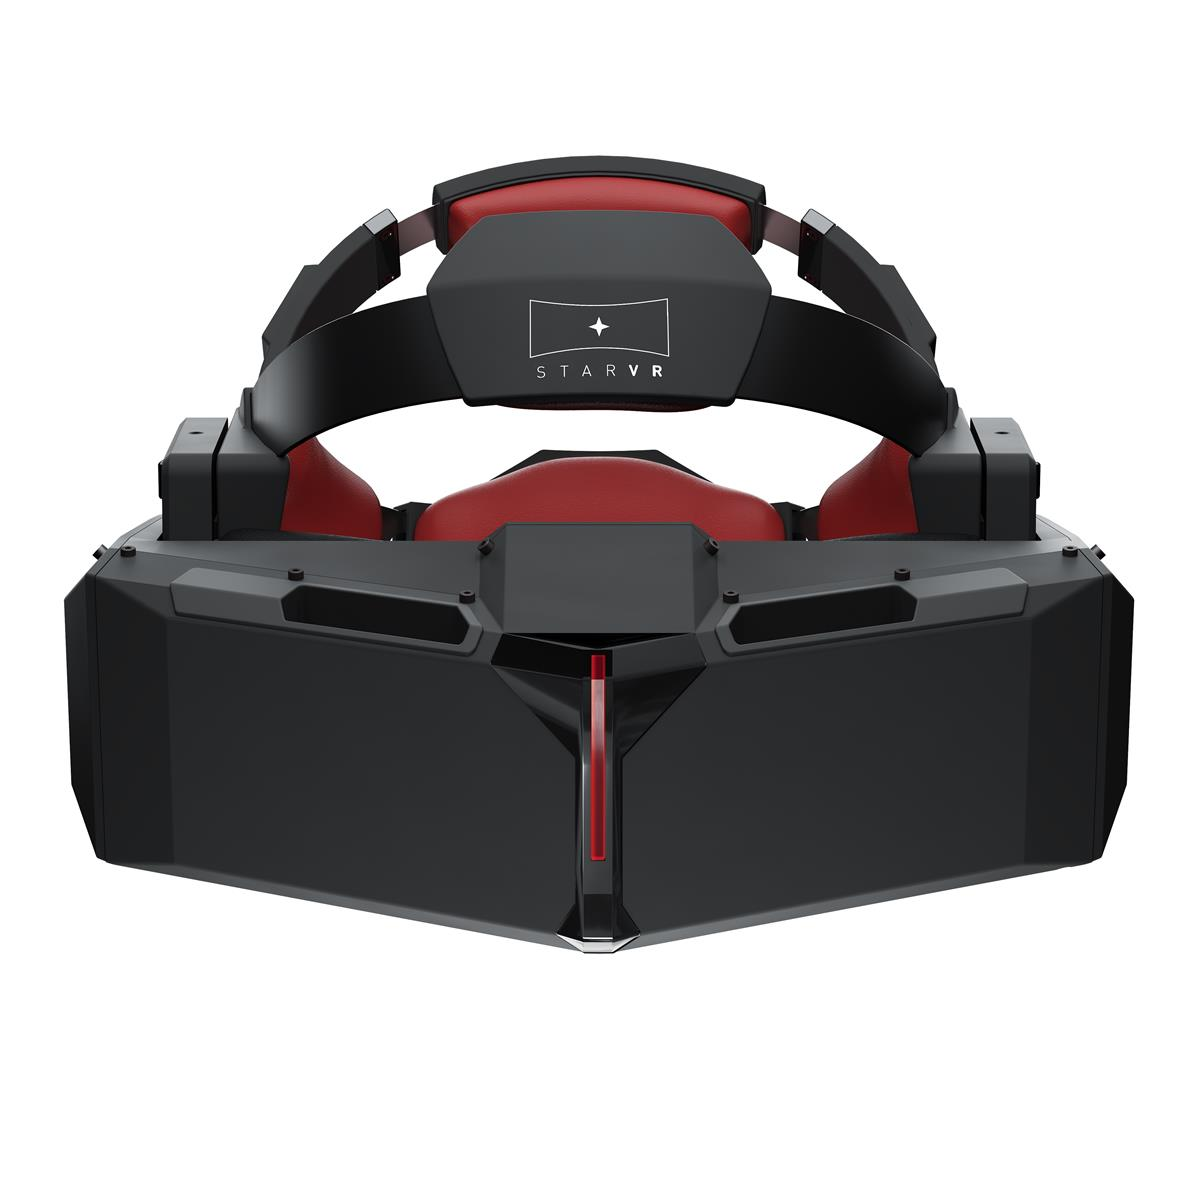 Nový headset pro virtuální realitu pochází od Starbreeze 110181